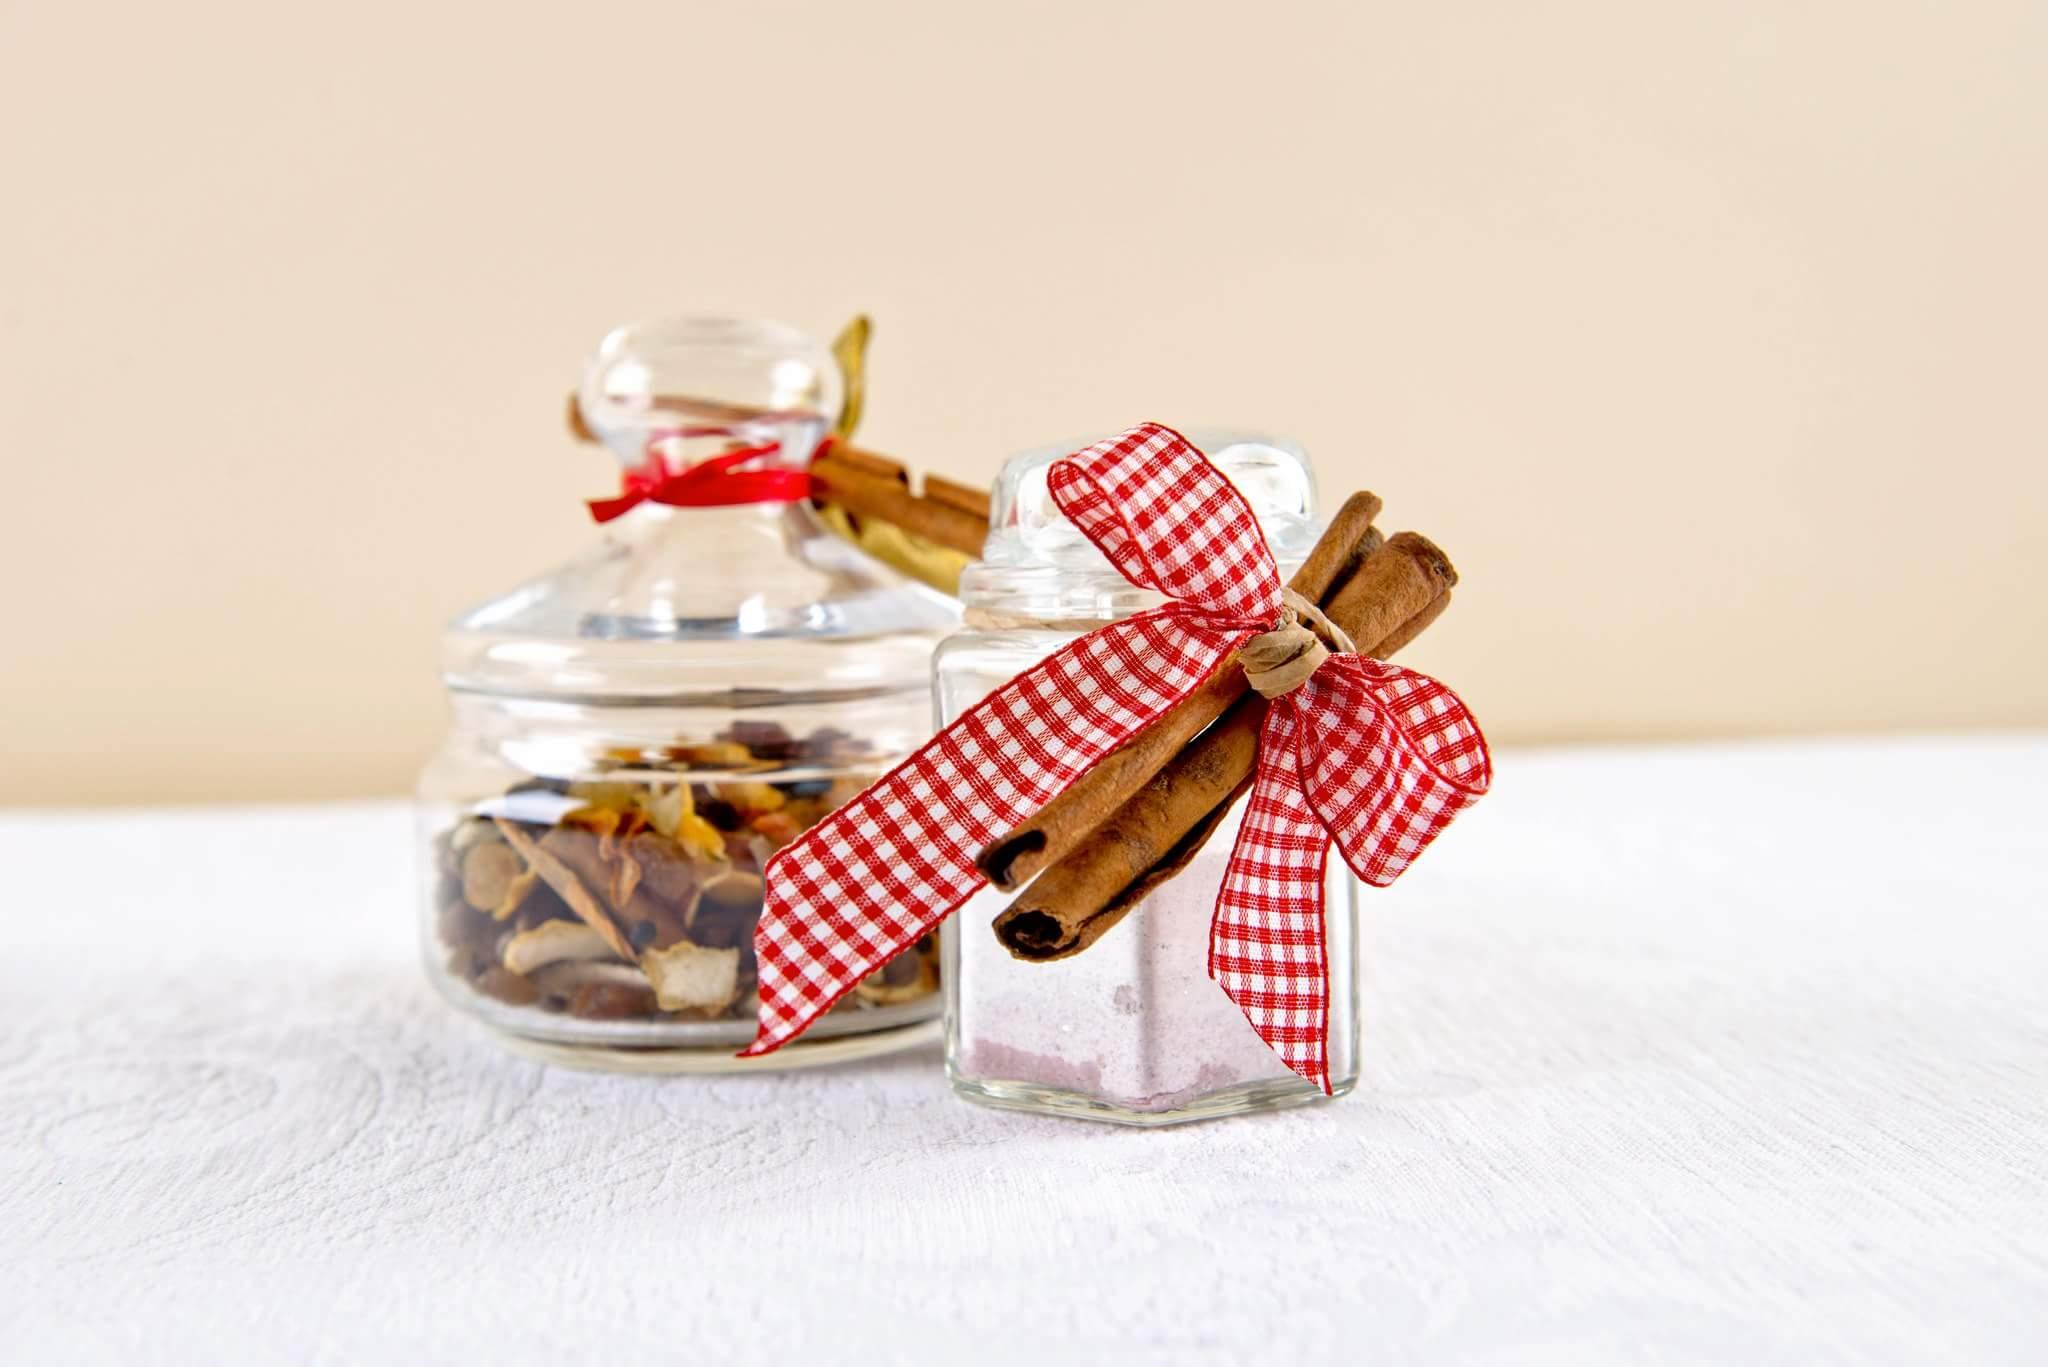 Набор для глинтвейна и сахарная пудра в подарок